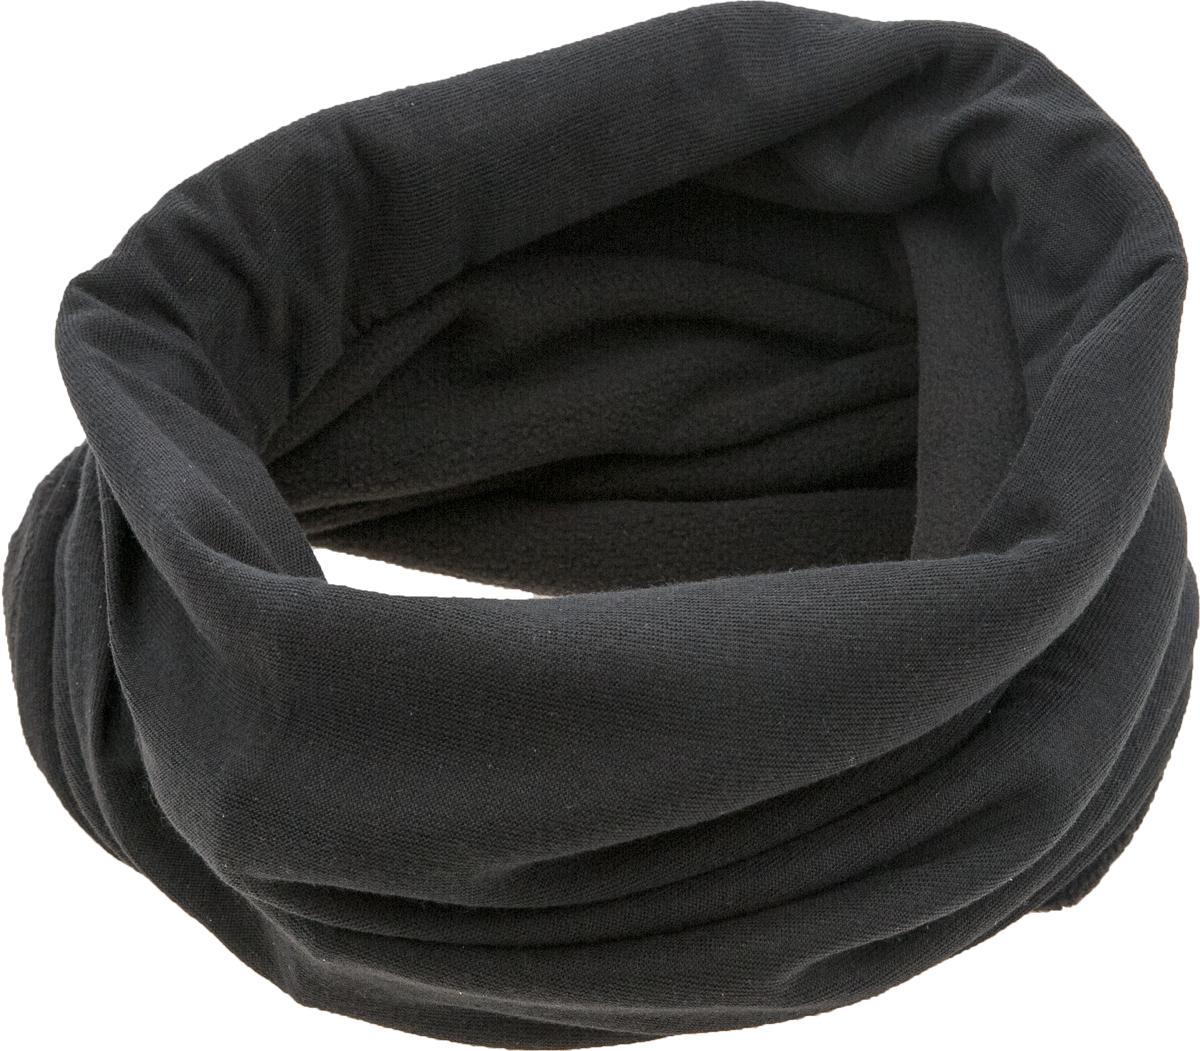 Шарф зимний YusliQ, цвет: черный. WL-02. Размер 50 см х 35 смWL - 02Мультишарфы можно встретить под разными названиями: мультишарф, мультибандана, платок трансформер, Baff, но вне зависимости от того, как Вы назовете этот аксессуар, его уникальные возможности останутся неизменными. Вы с легкостью и удобством можете одеть этот мультишарф на голову и шею 12 различными способами. В сильные морозы, пронизывающий ветер или пыльную бурю - с мультишарфом Вы будете готовы к любым капризам природы.Авторская работа.